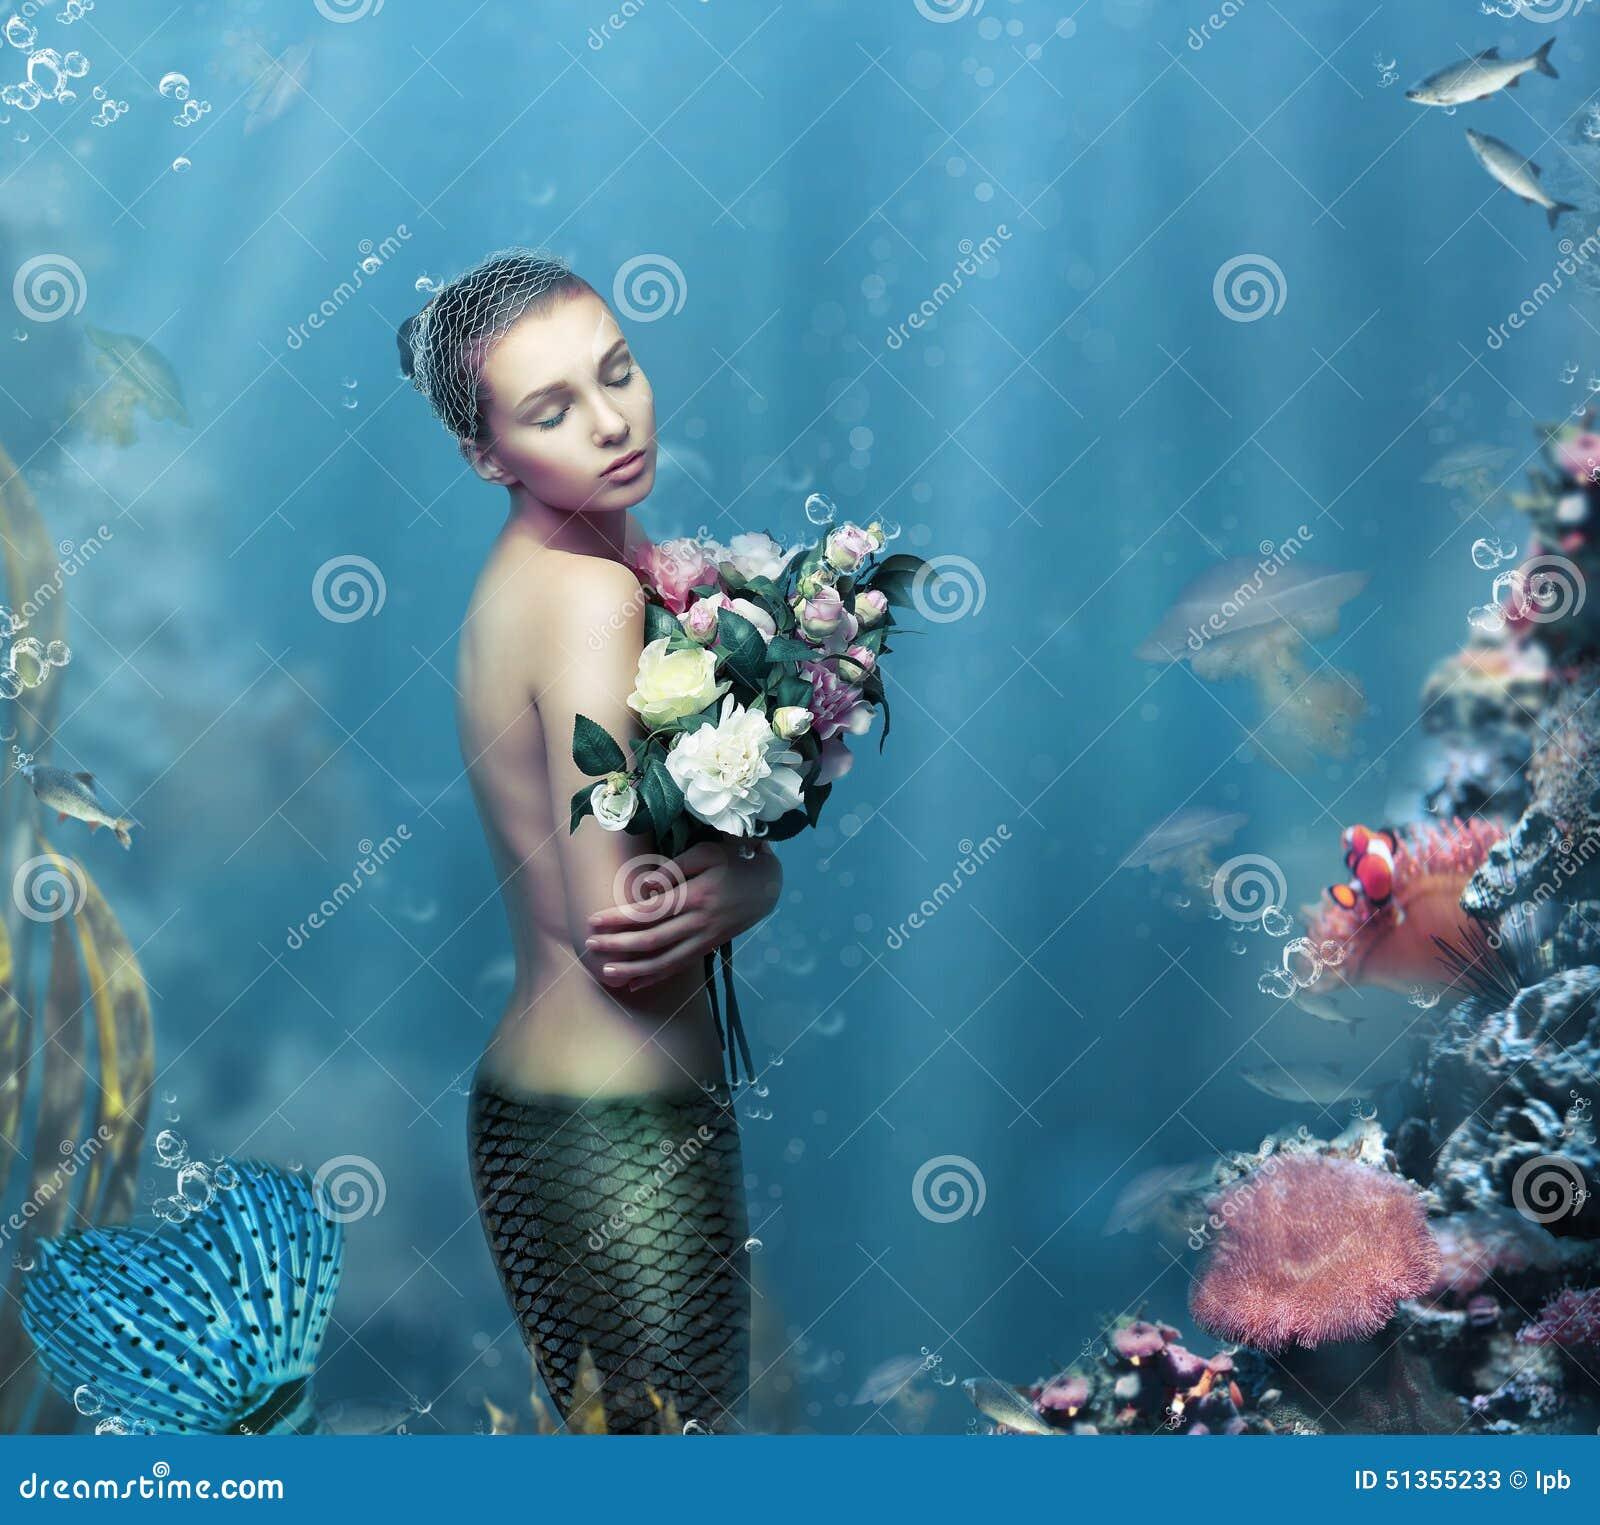 Inspiratie Fantastische Vrouw met Bloemen in Water